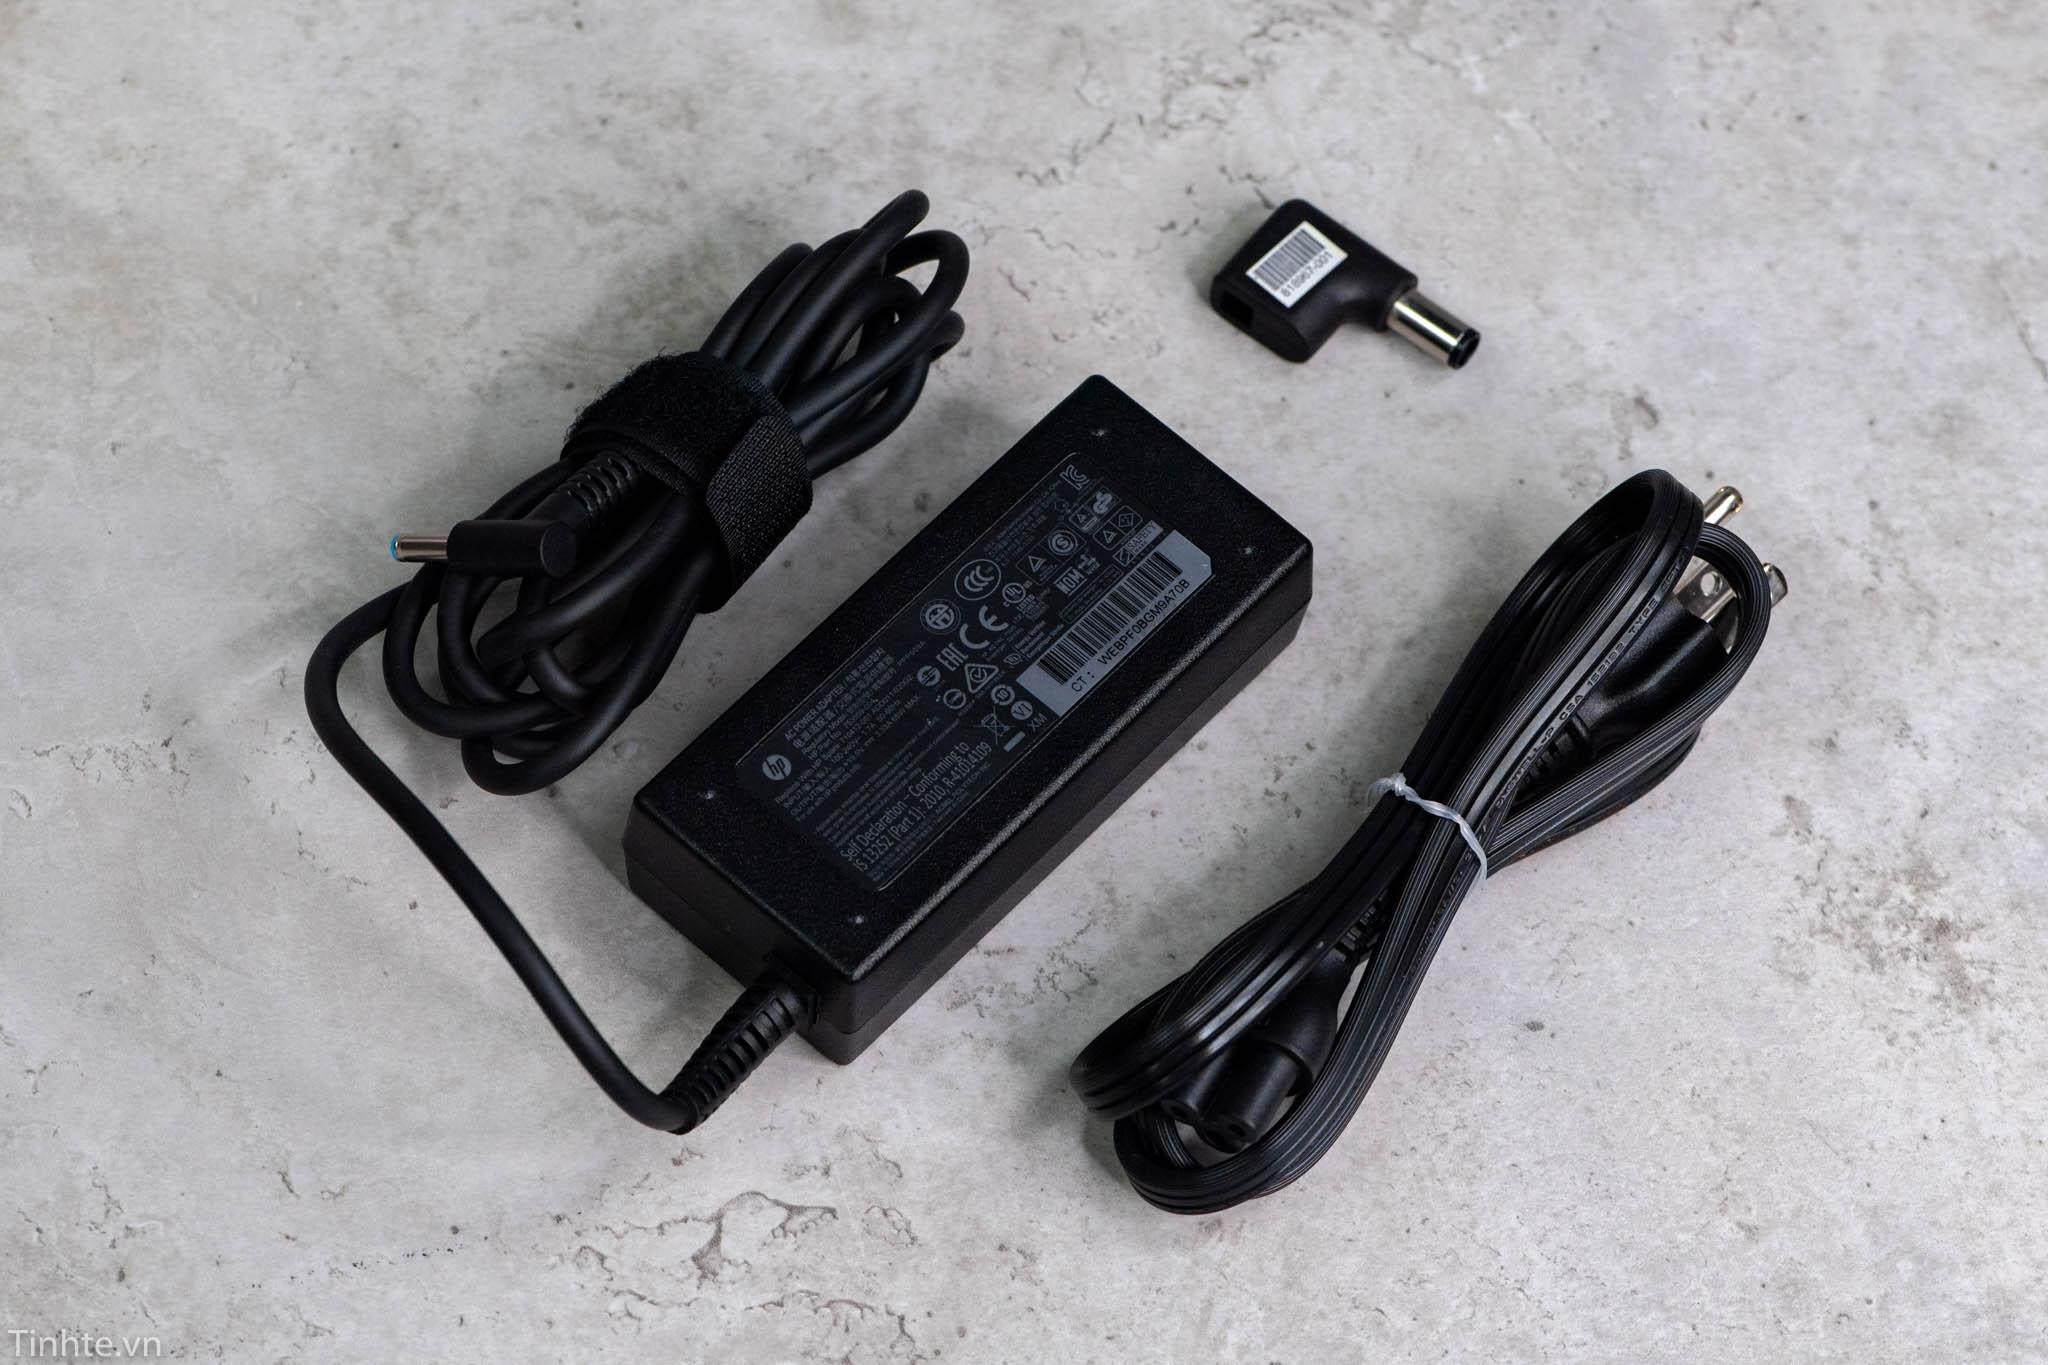 Trên tay sạc dự phòng HP Power Pack Plus 18000, tích hợp túi, kèm sạc laptop HP